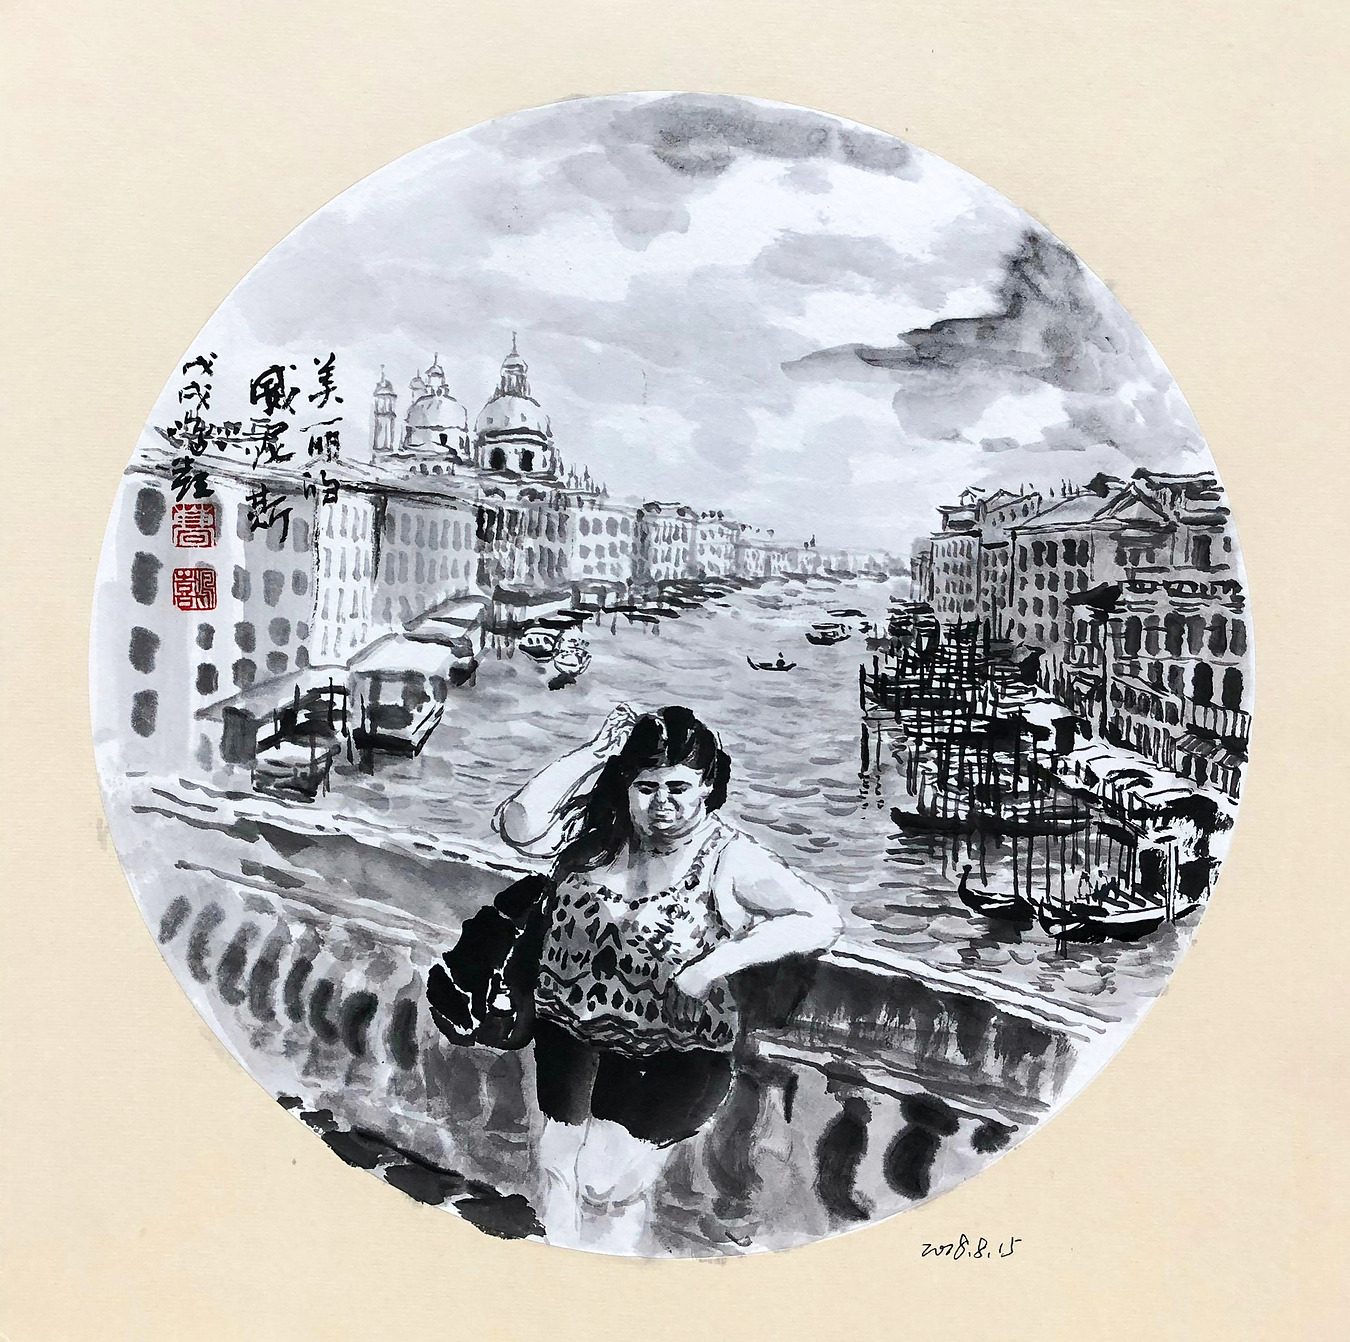 《意大利·童话般的威尼斯水城》33×33cm 纸本水墨 团扇 写意欧洲风情 2018年08月16日